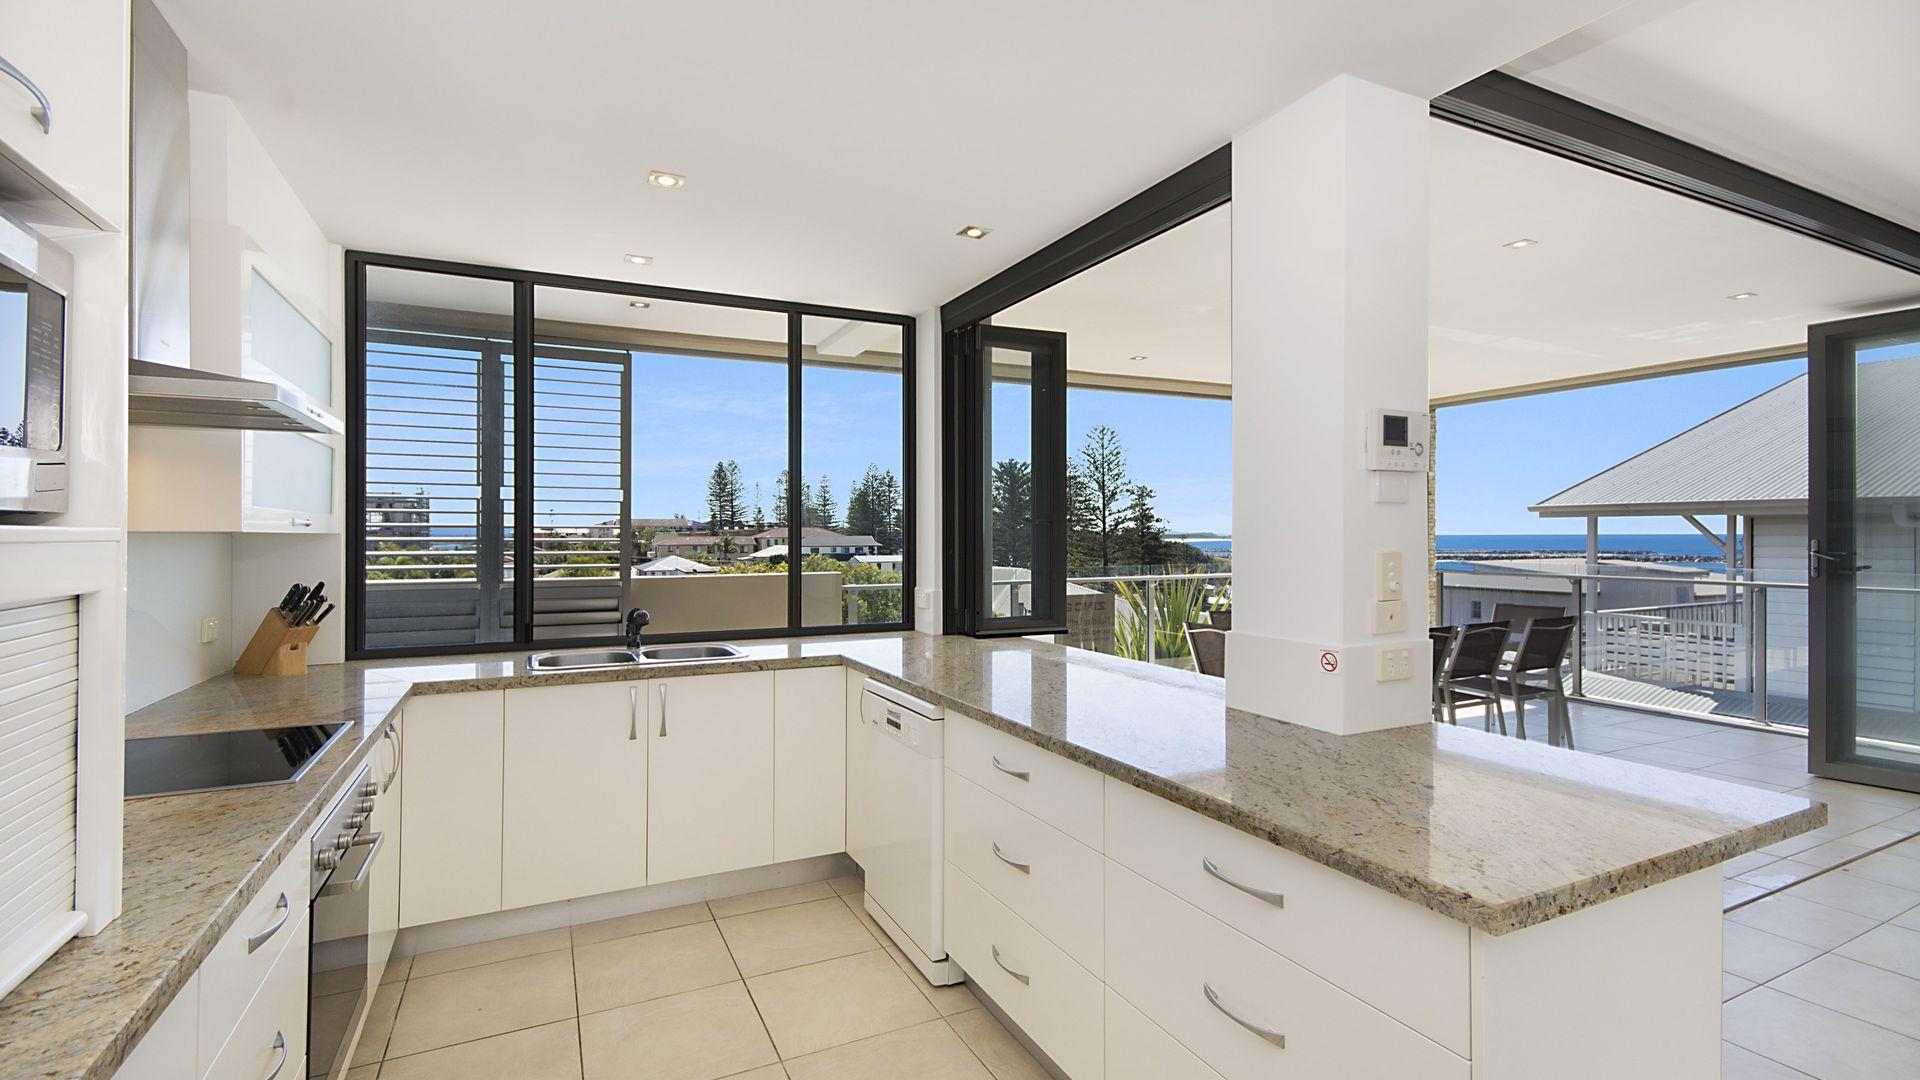 2/6 Henson Lane, Yamba NSW 2464, Image 2